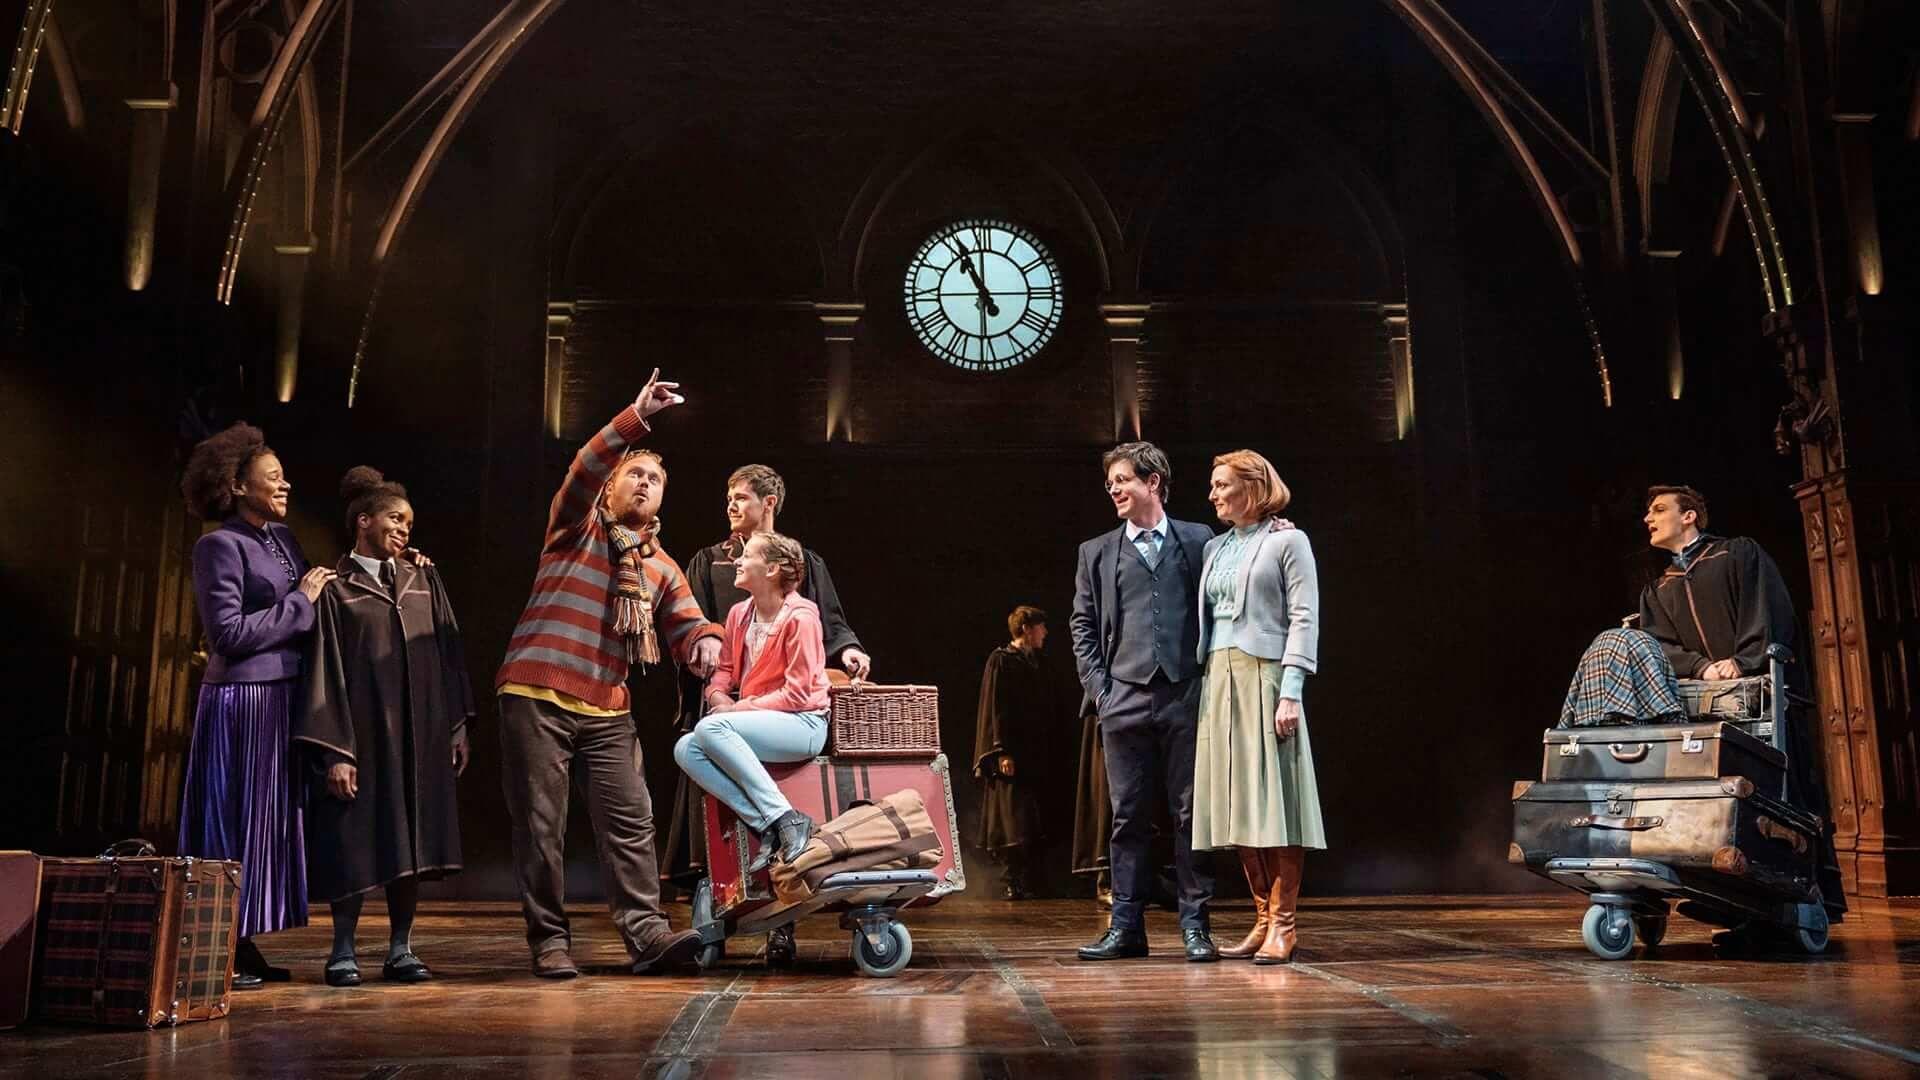 Спектакль «Гарри Поттер и Проклятое дитя» в театре в Сан-Франциско / Matthew Murphy, mercurynews.com